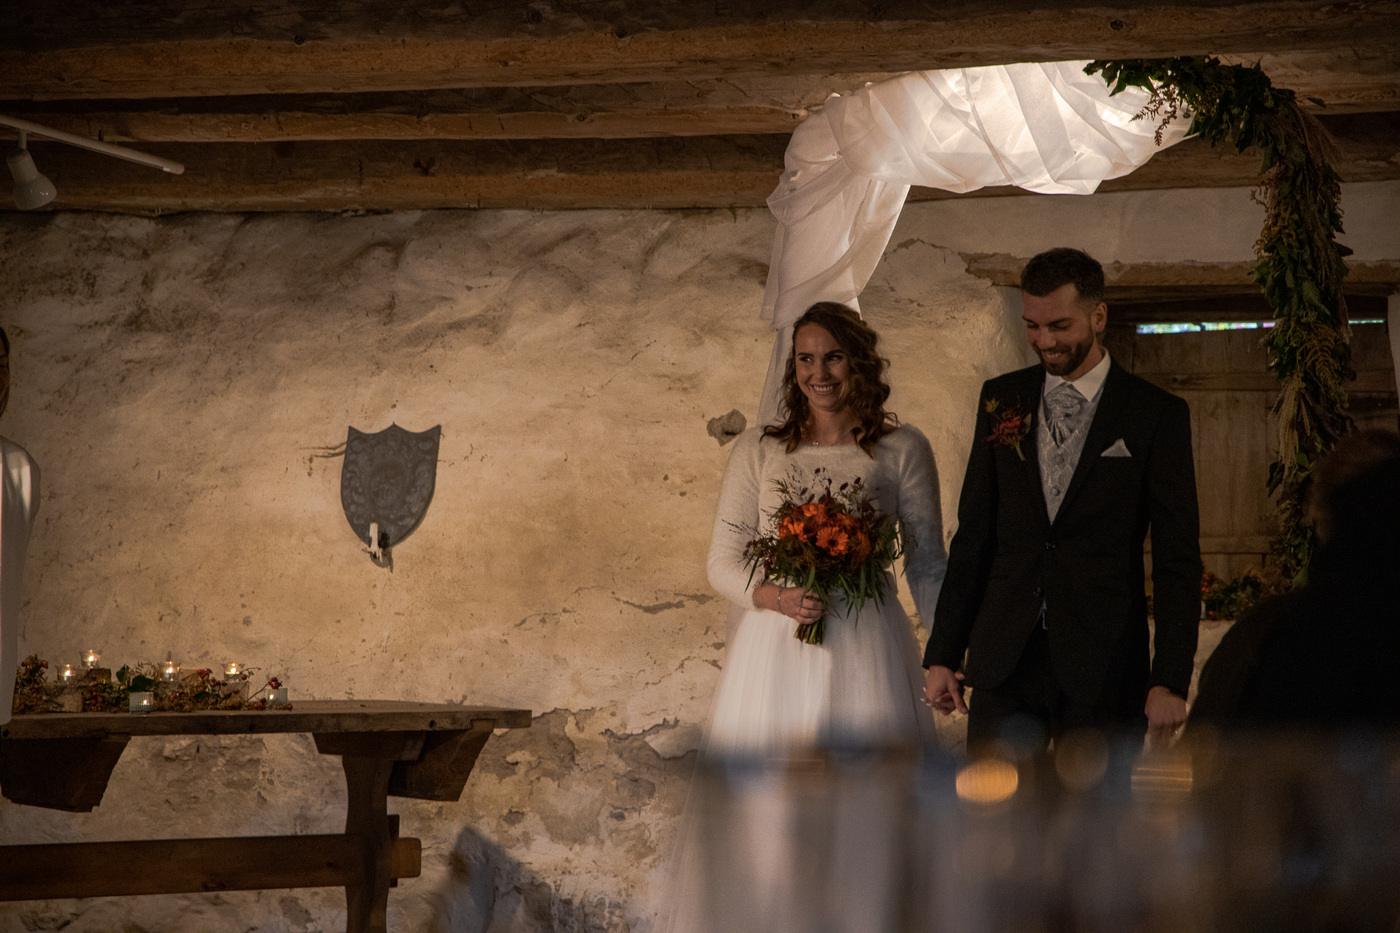 Erik Elvmarker - Bröllopsfotografering - Robin & Hanna